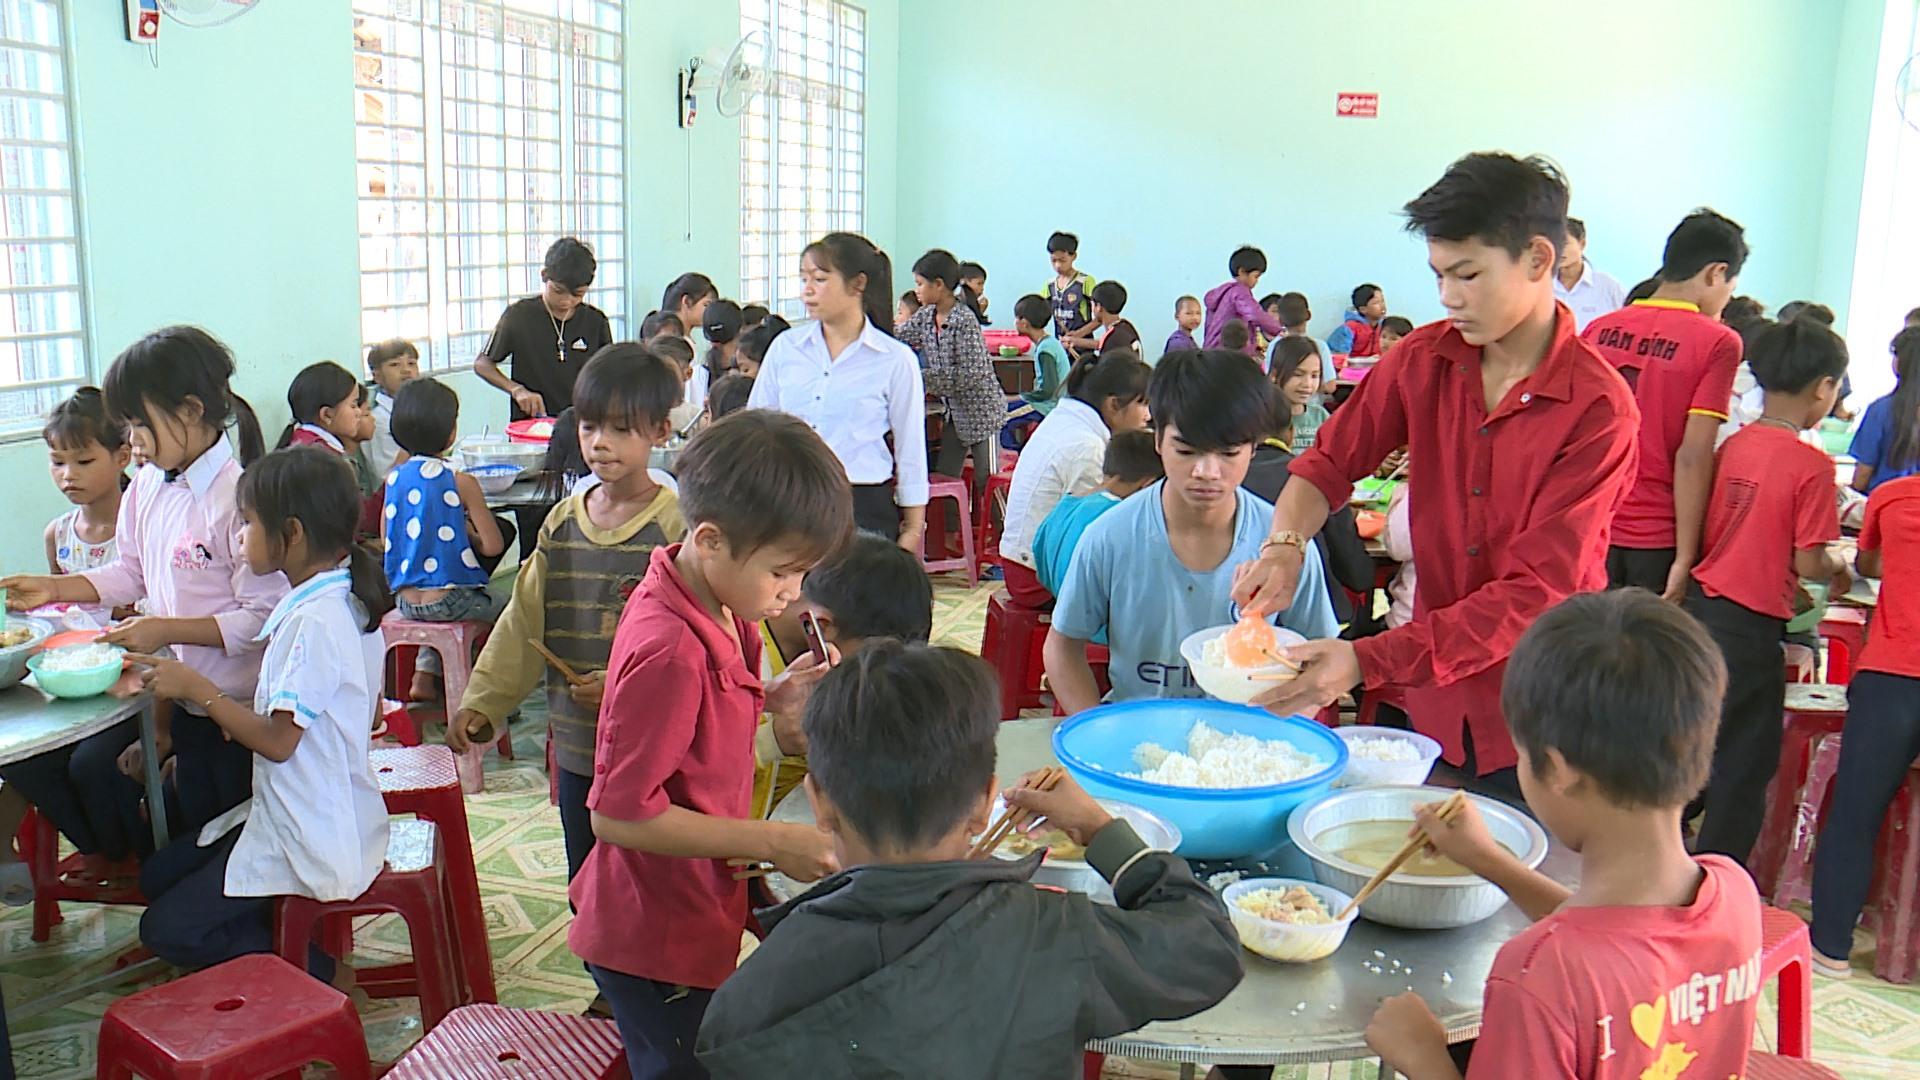 Bữa ăn bán trú của học sinh vùng cao Phước Lộc. Ảnh: T.SỸ